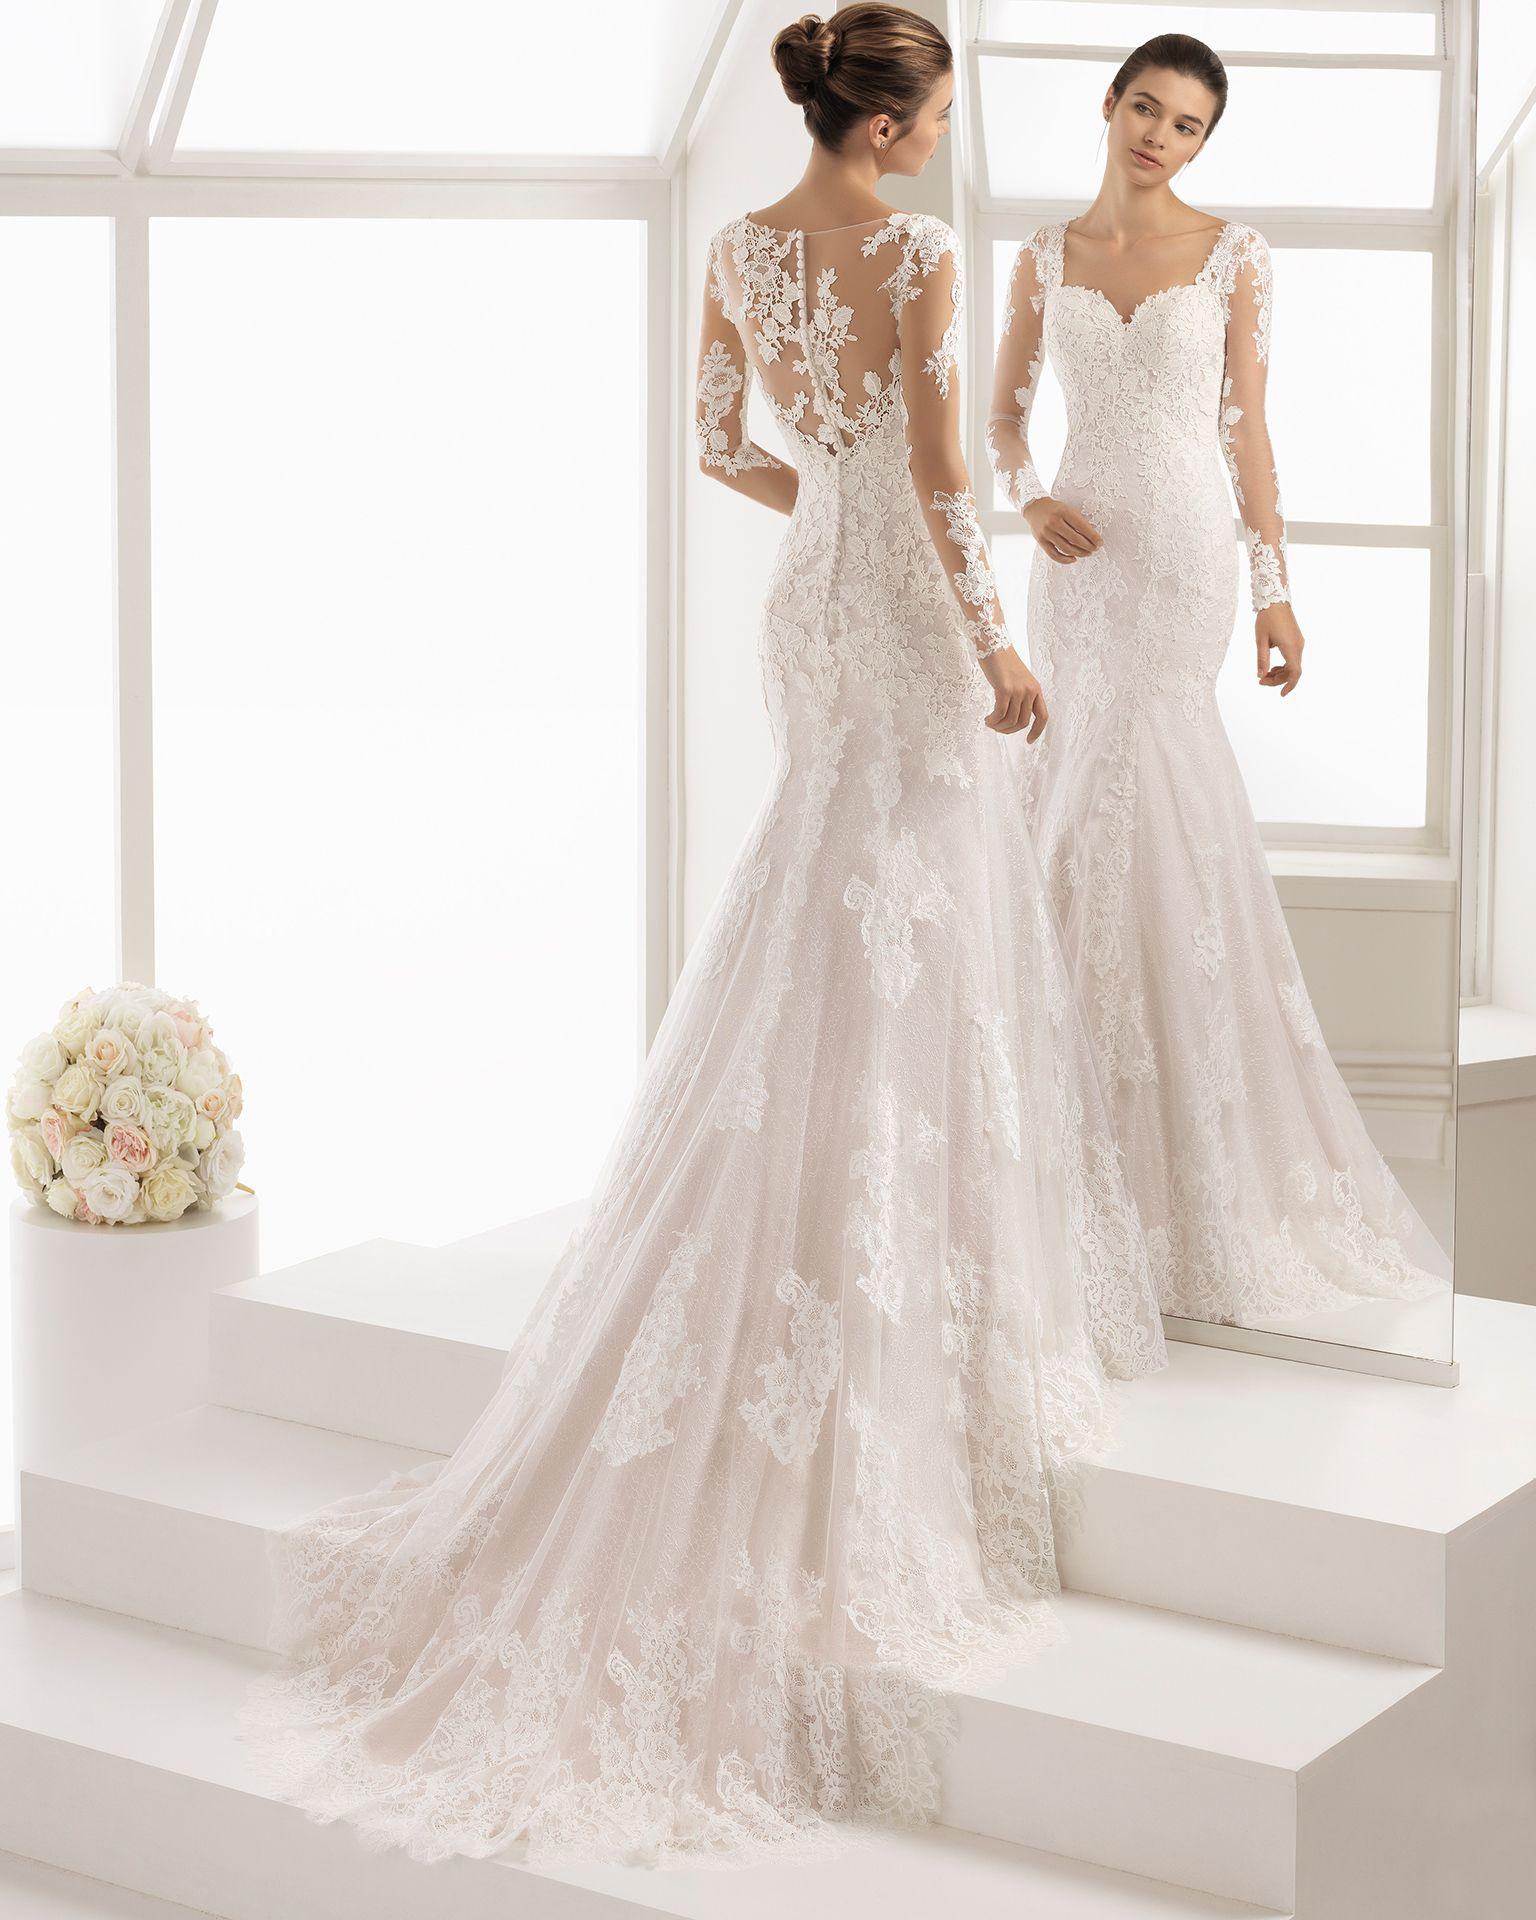 Vestido de novia encaje escote corazon